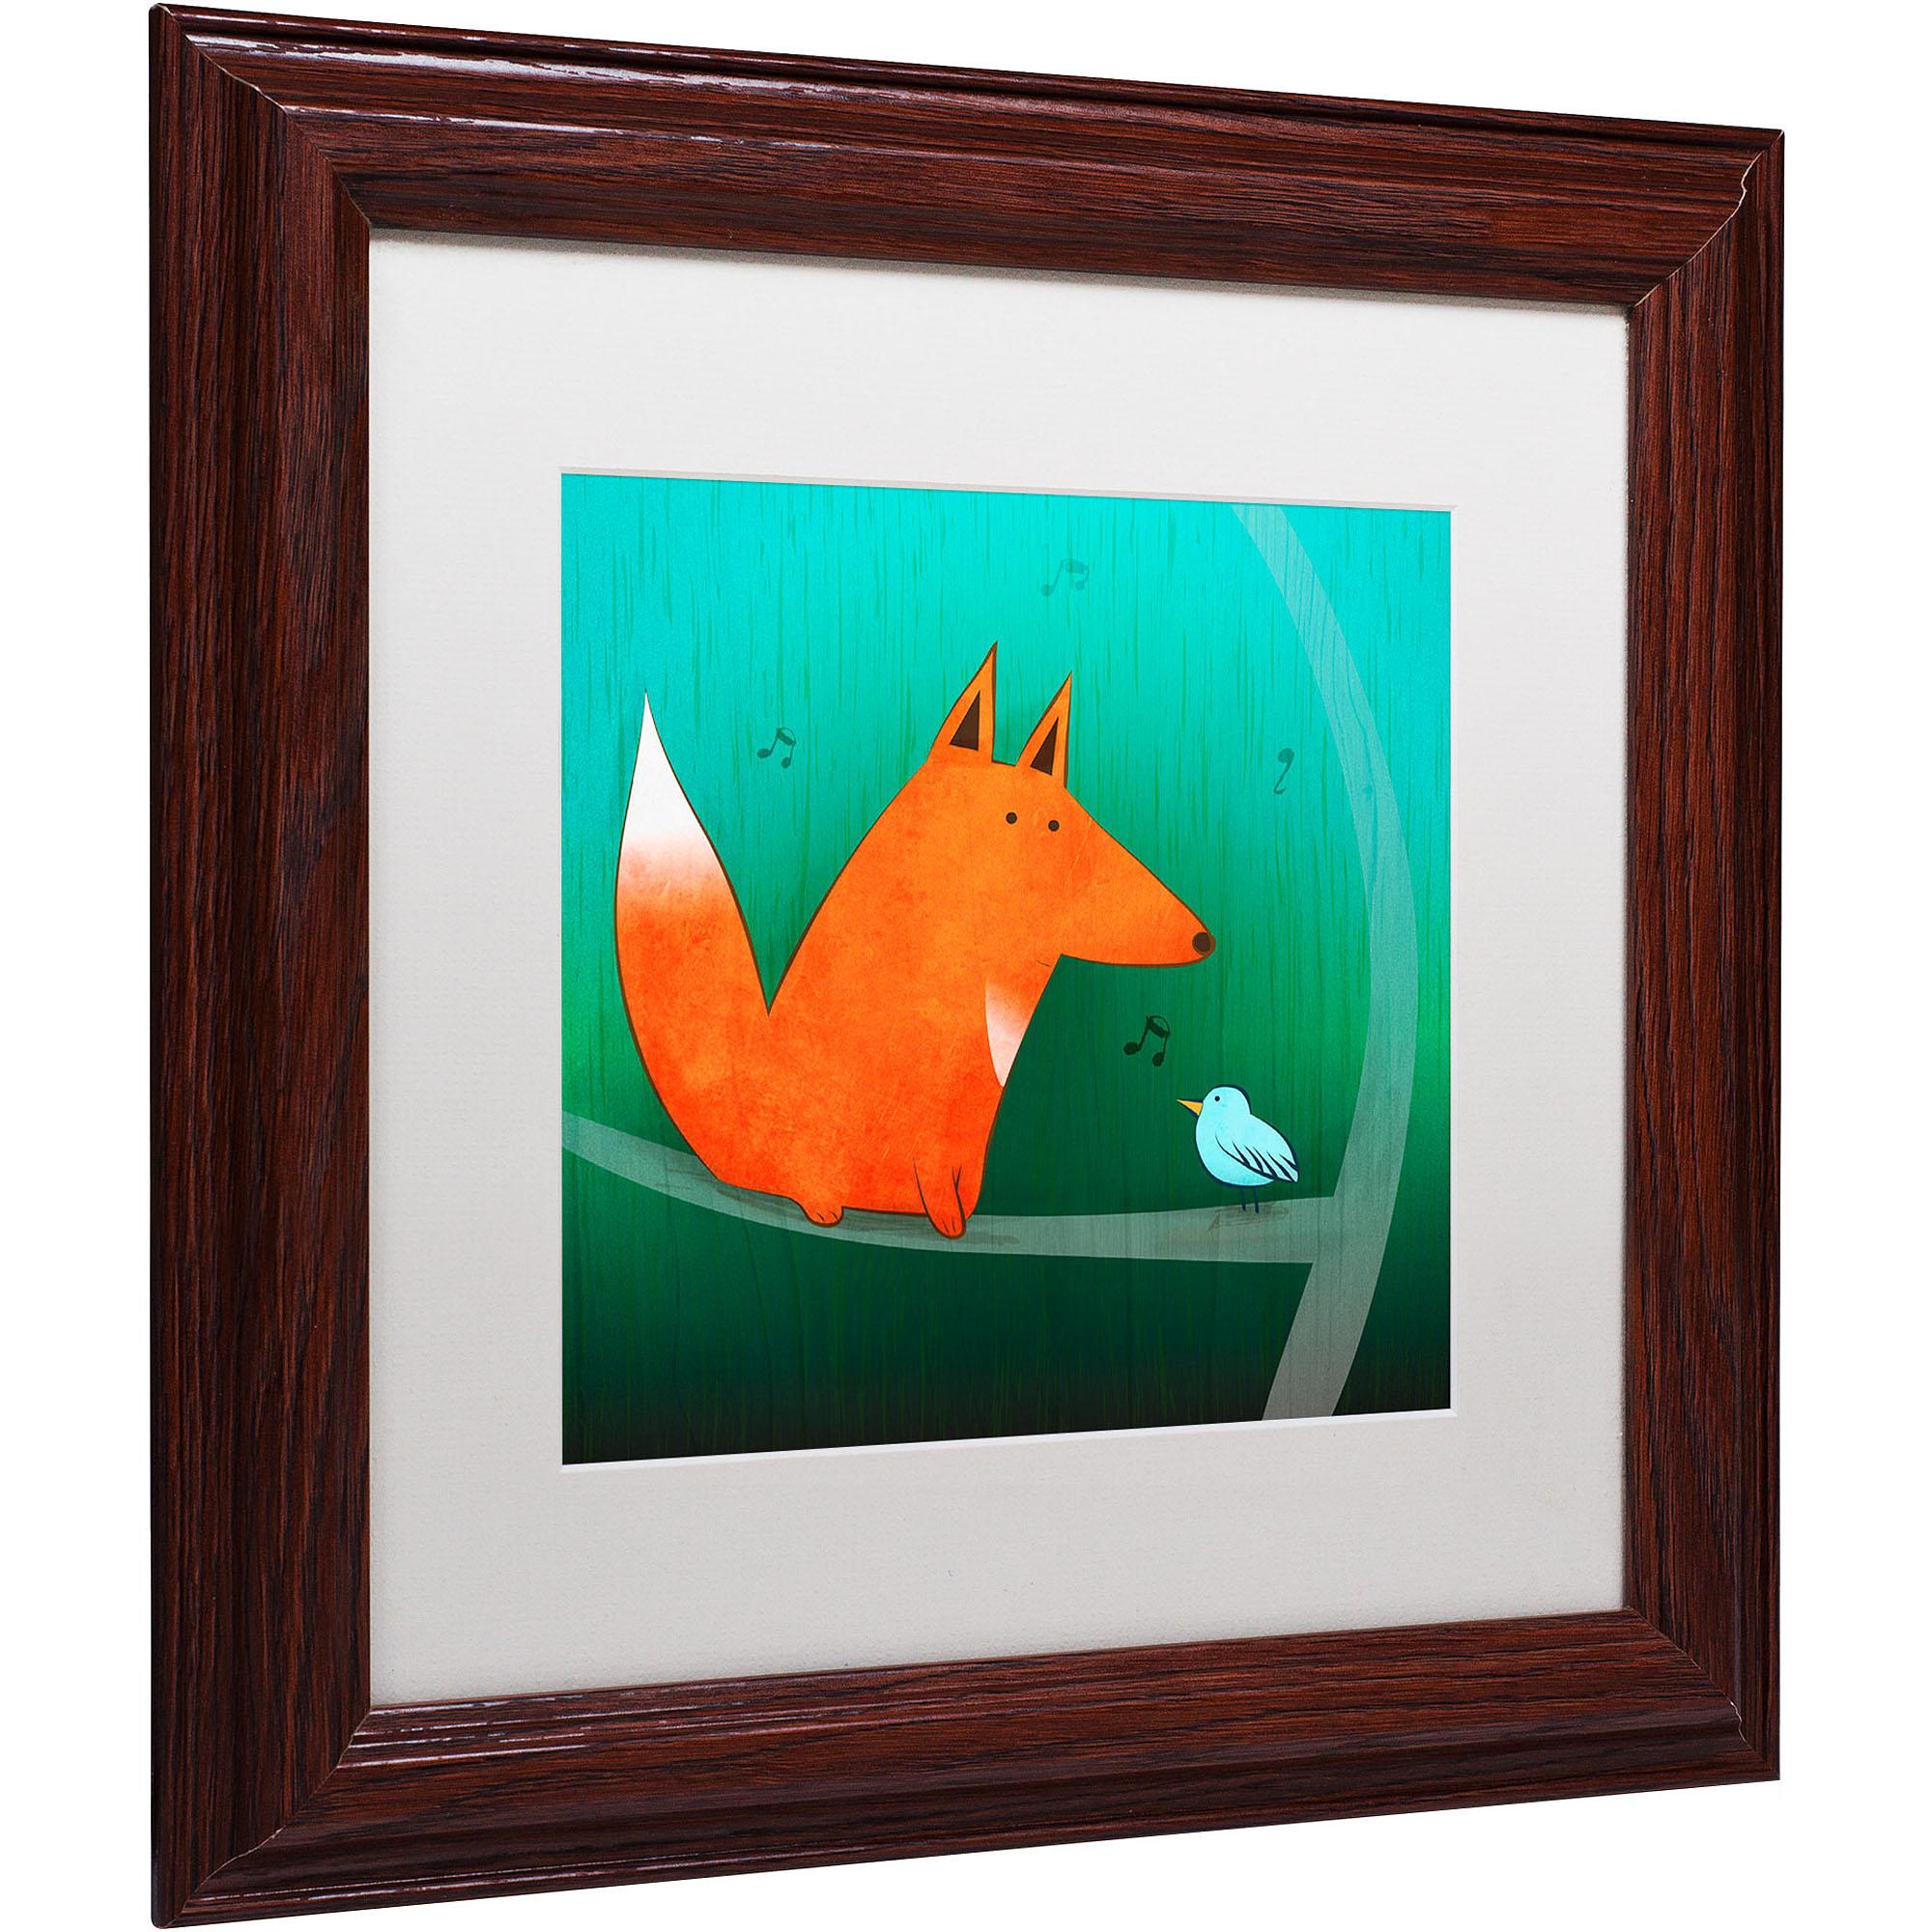 """Trademark Fine Art """"Fox in Tree"""" Canvas Art by Carla Martell, White Matte, Wood Frame"""